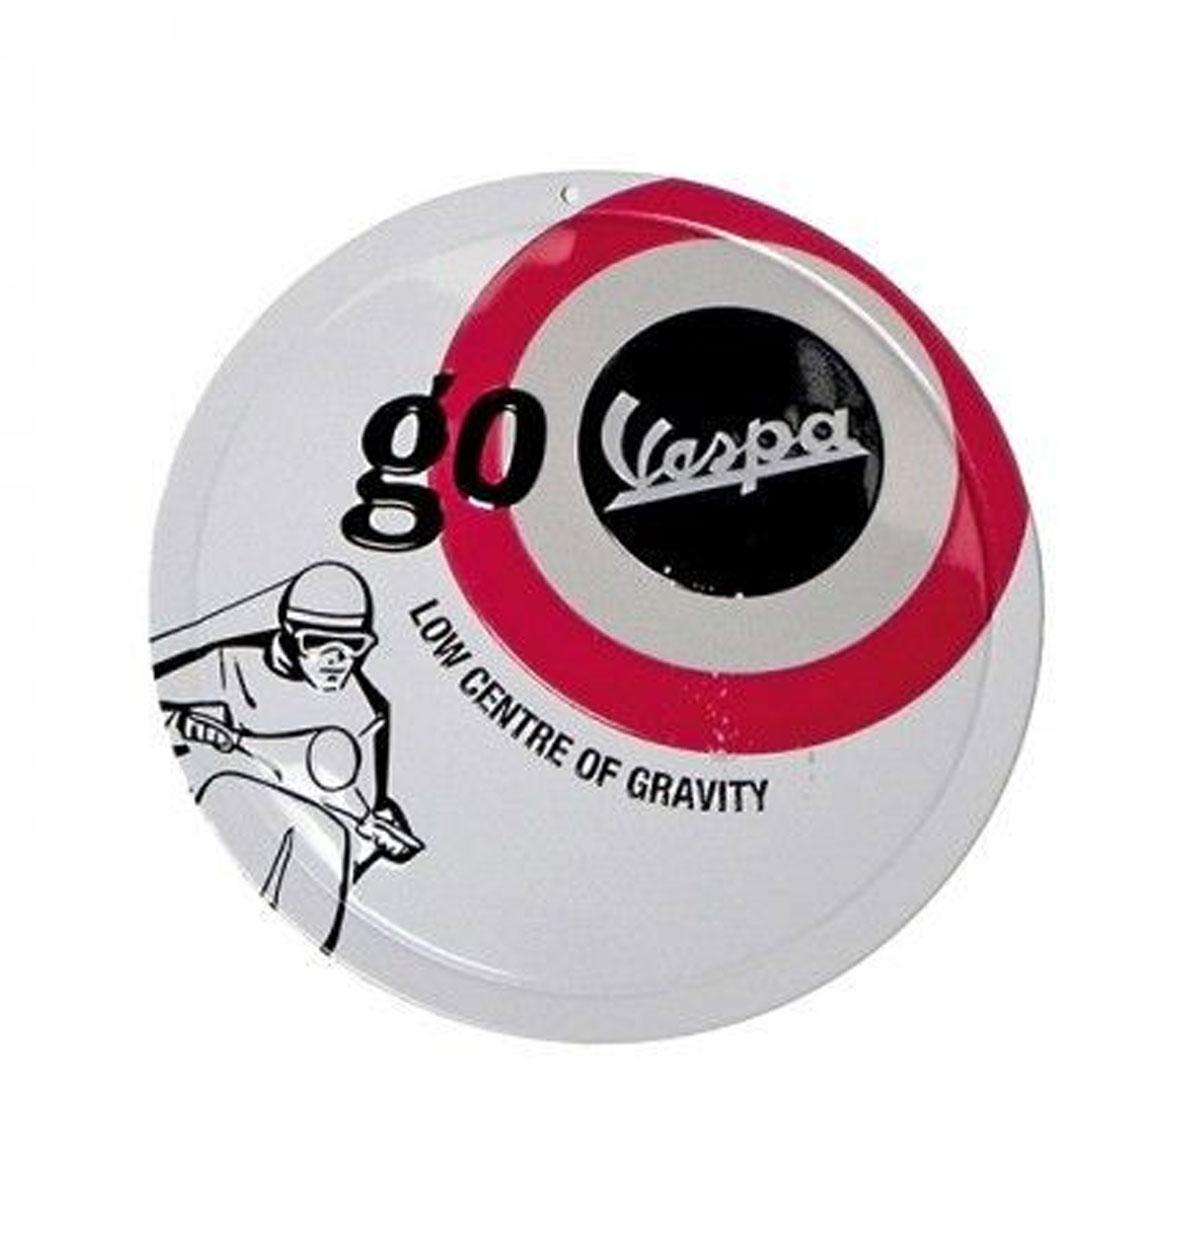 Go Vespa Low Centre Of Gravity Rond Metalen Bord 15 cm ø